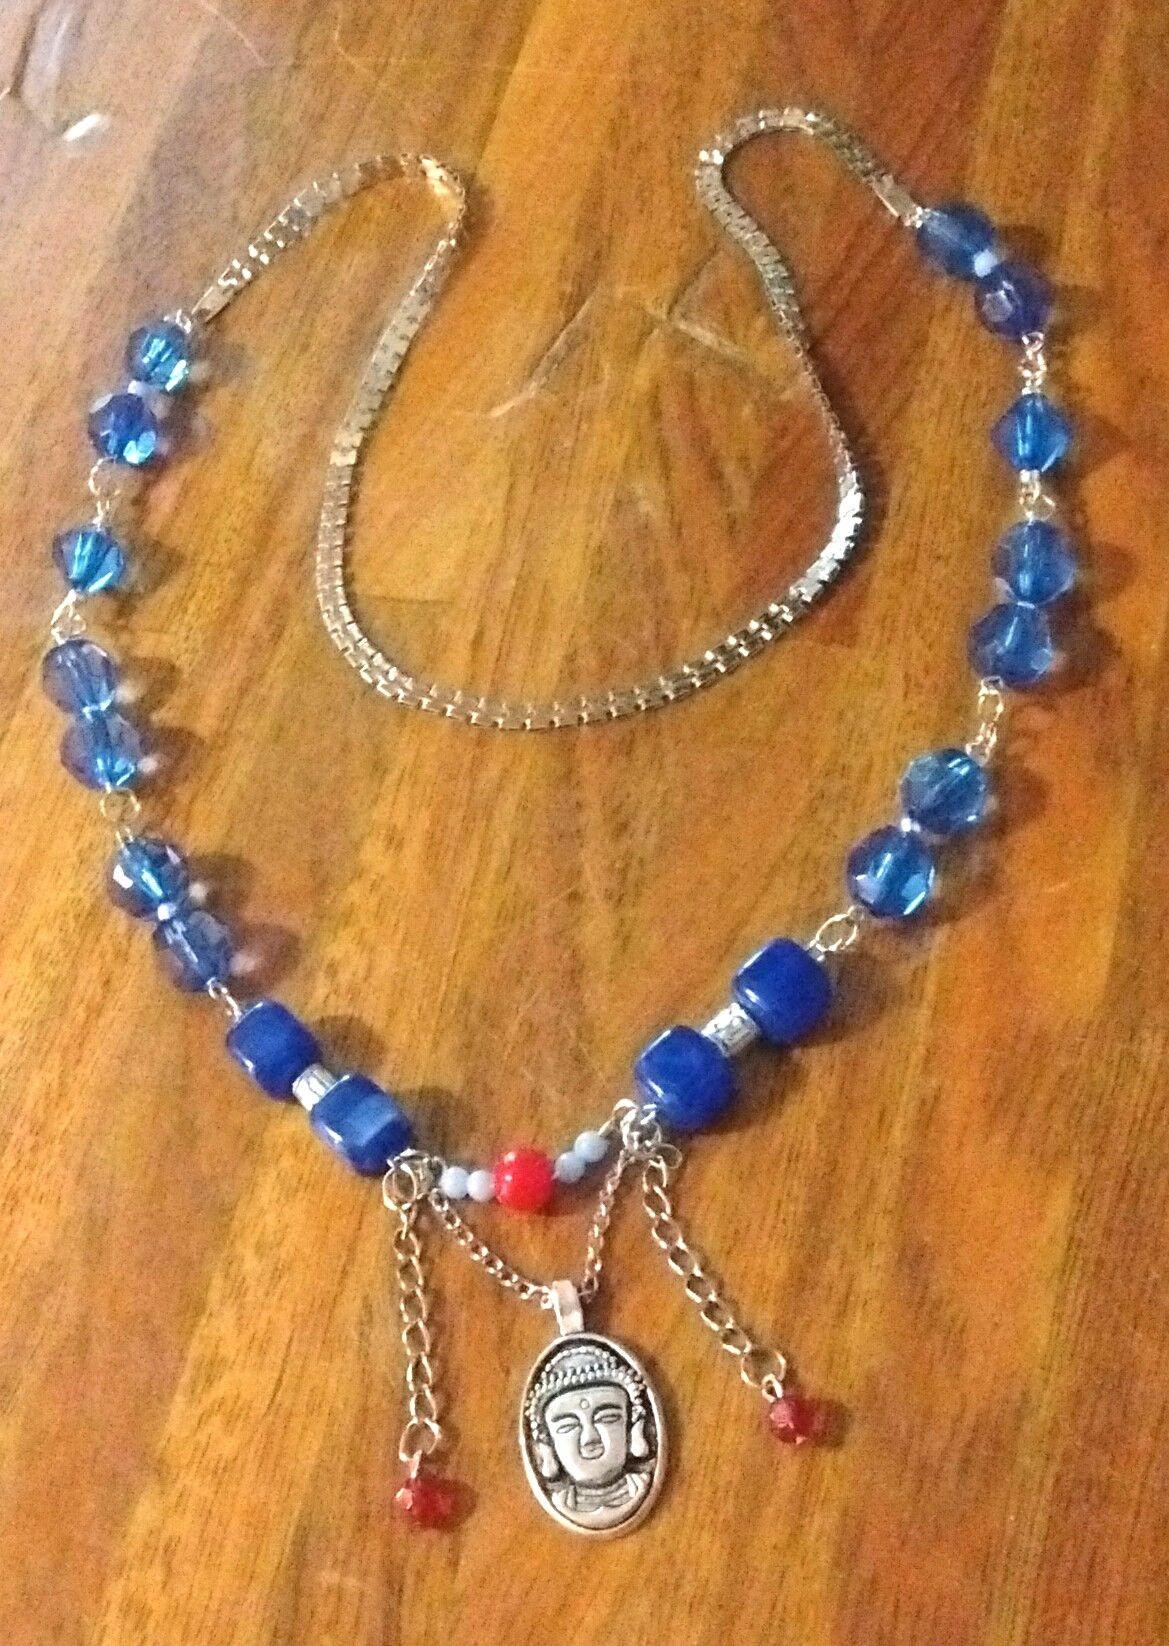 fbb55c6938a8 Collar cadena plateada azul con detalles en rojo